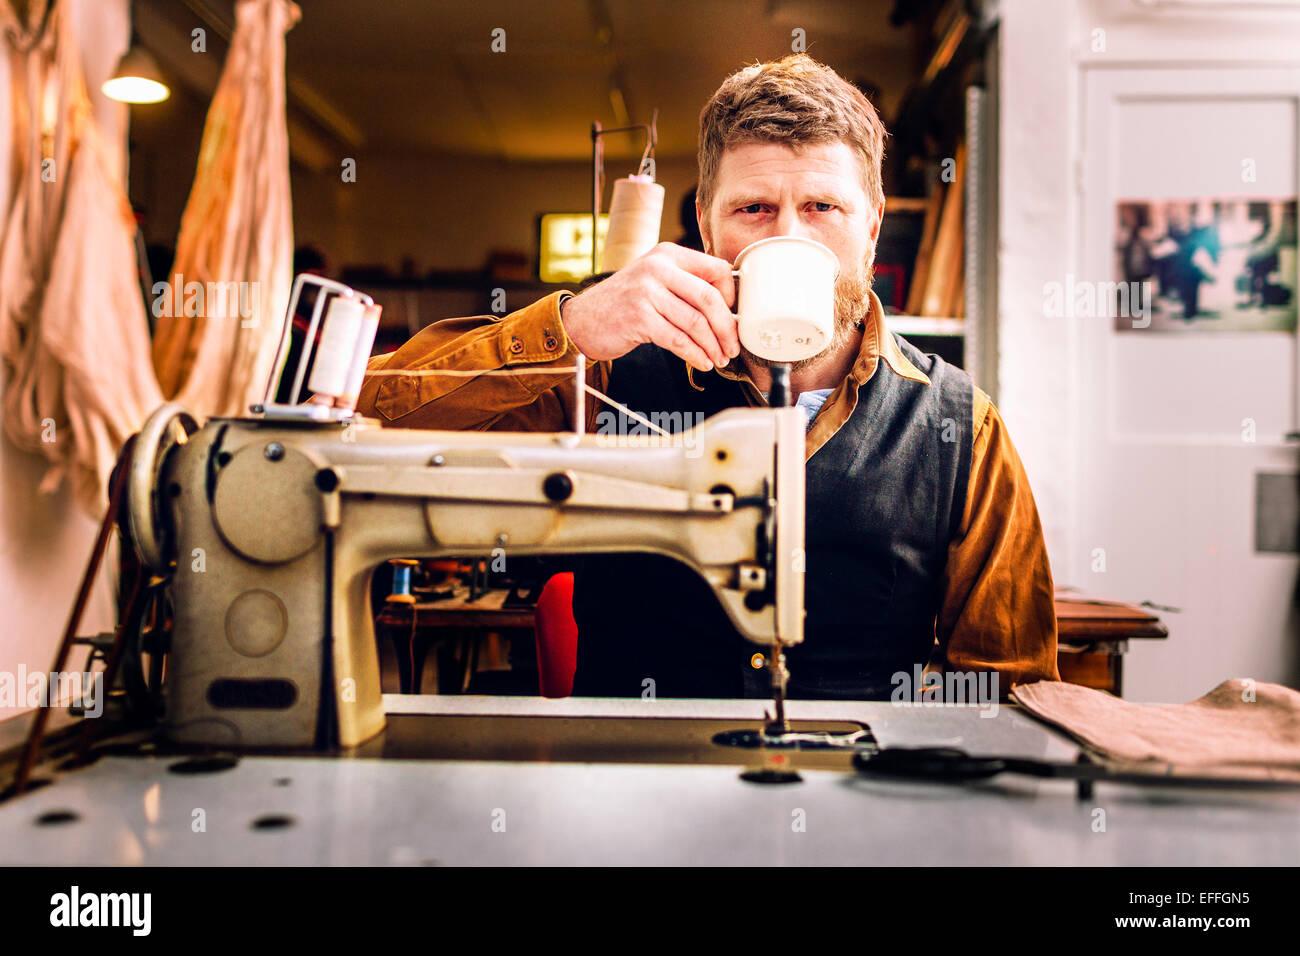 Porträt des Arbeitnehmers Kaffeetrinken beim Sitzen am Nähmaschine in Werkstatt Stockbild